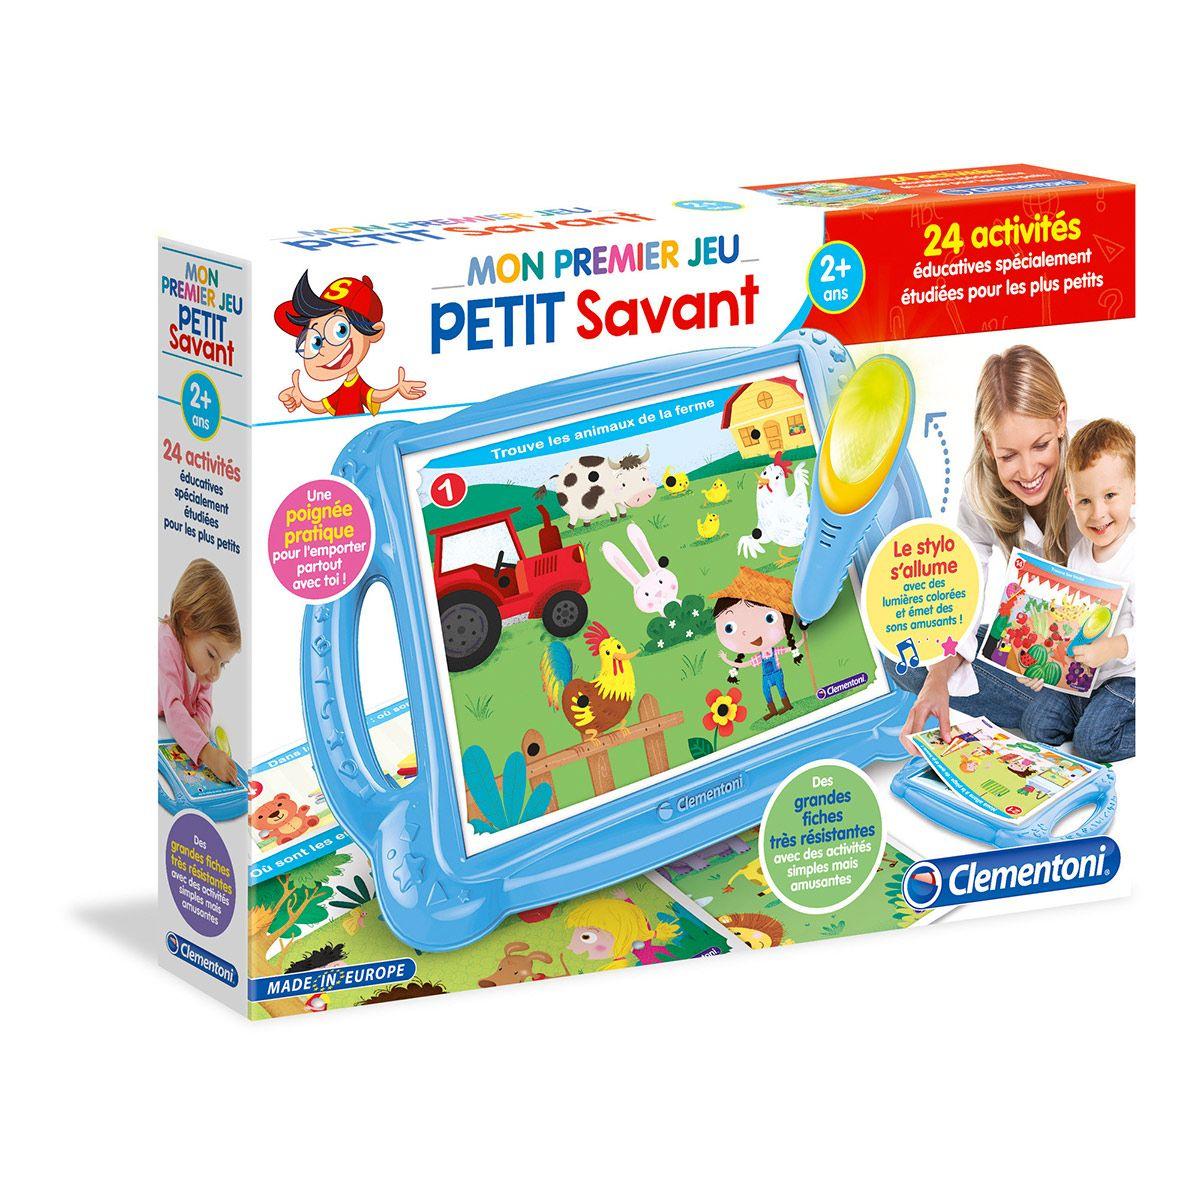 Mon Premier Jeu Petit Savant - 1Ers Apprentissages - La avec Jeux Educatif 5 Ans Gratuit